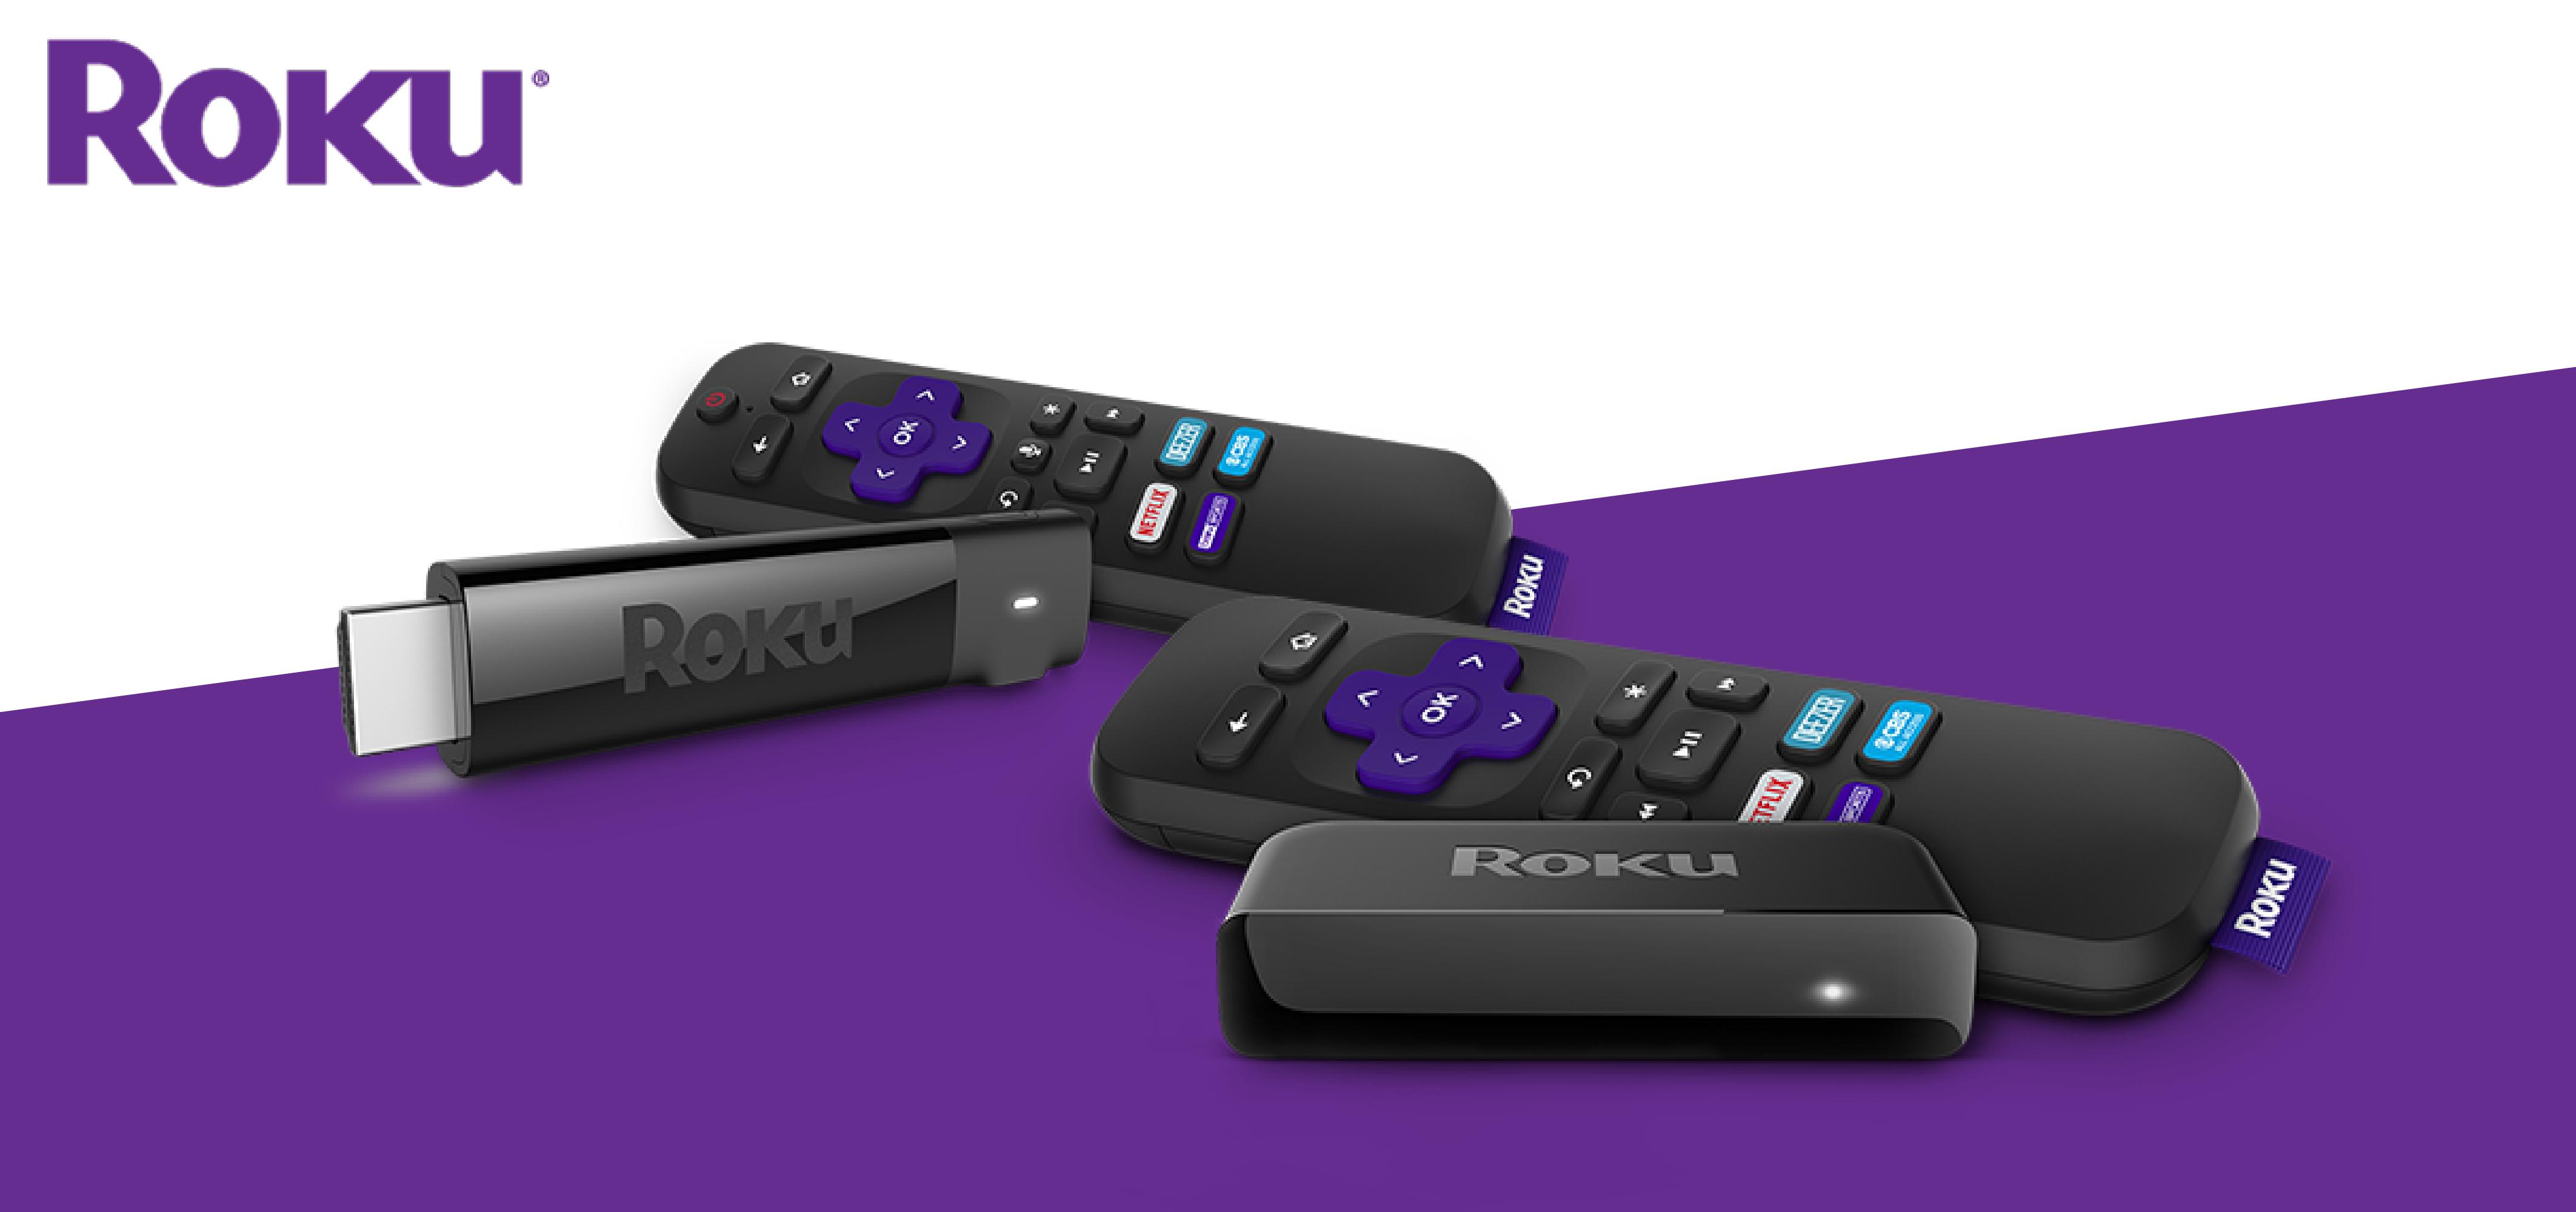 Gagnez un appareil Roku pour rendre votre télévision intelligente